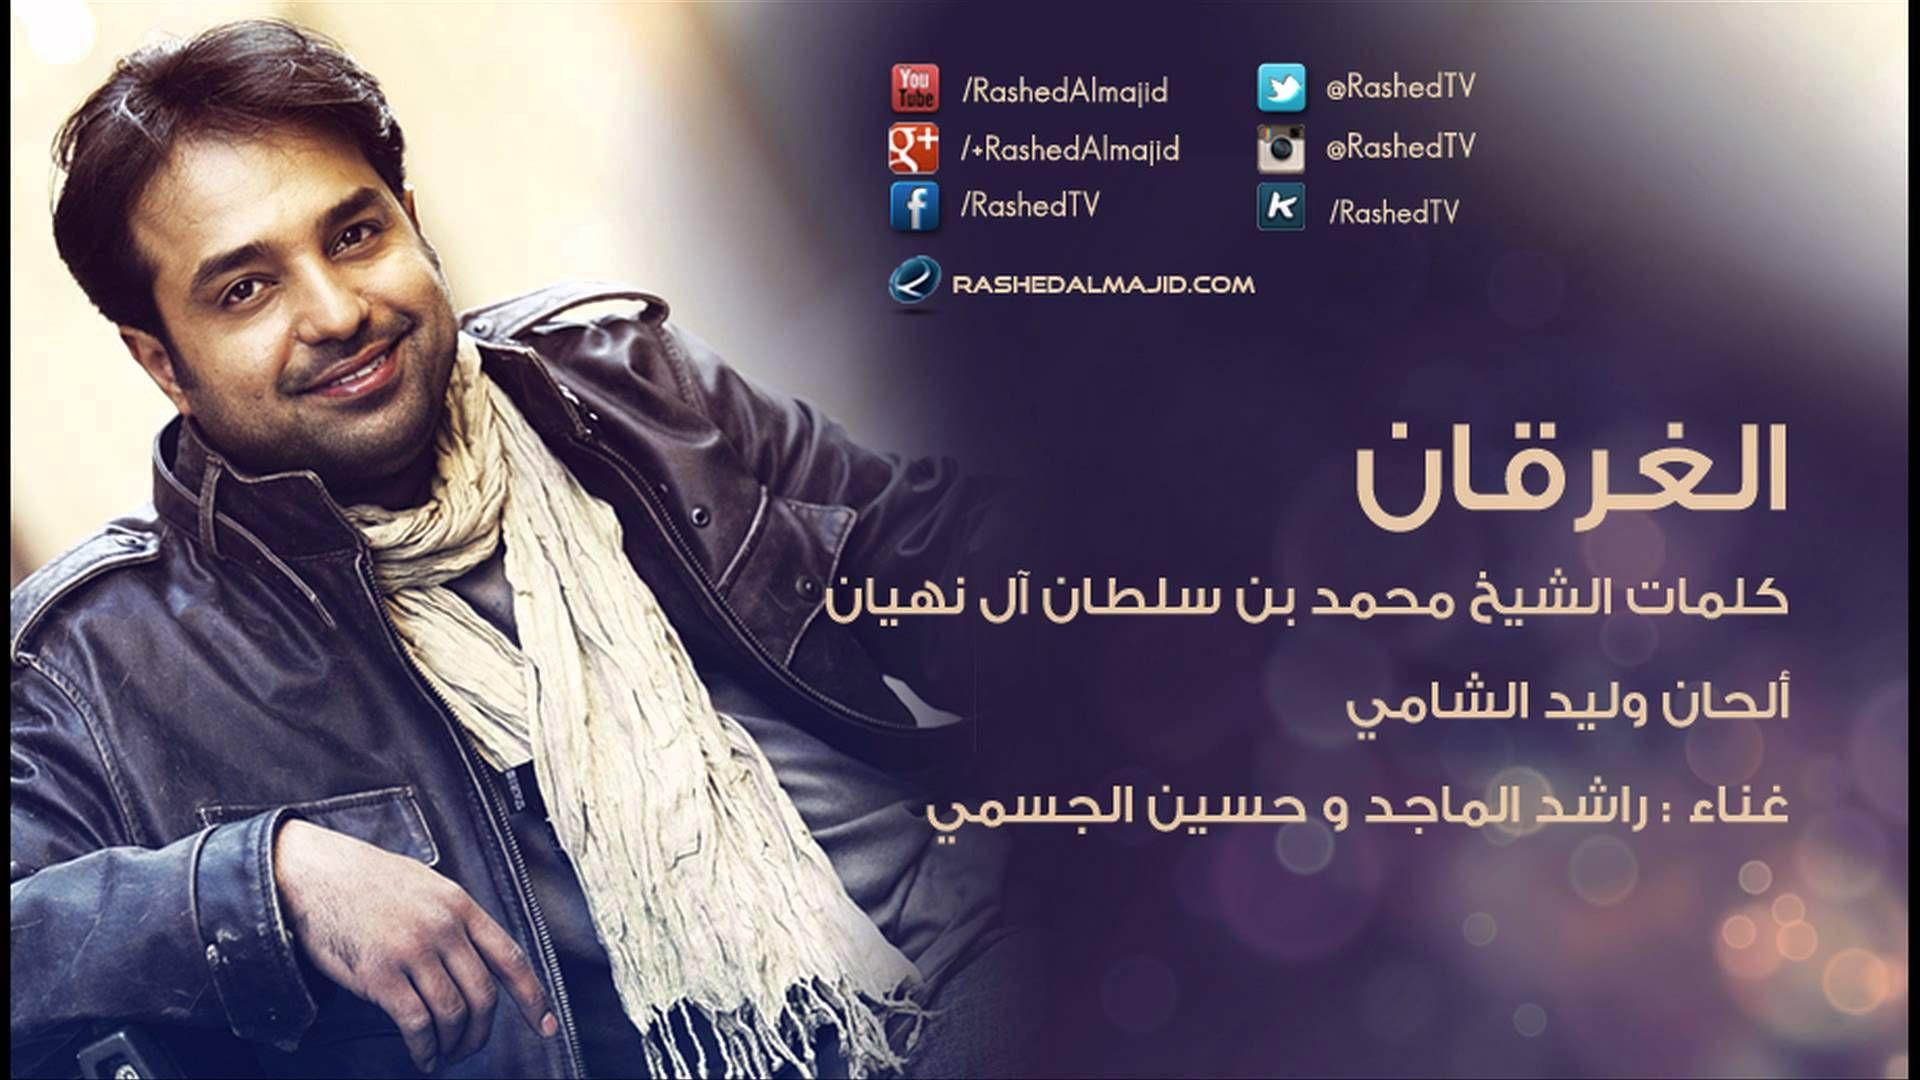 راشد الماجد و حسين الجسمي الغرقان النسخة الأصلية 2009 Songs Music Youtube